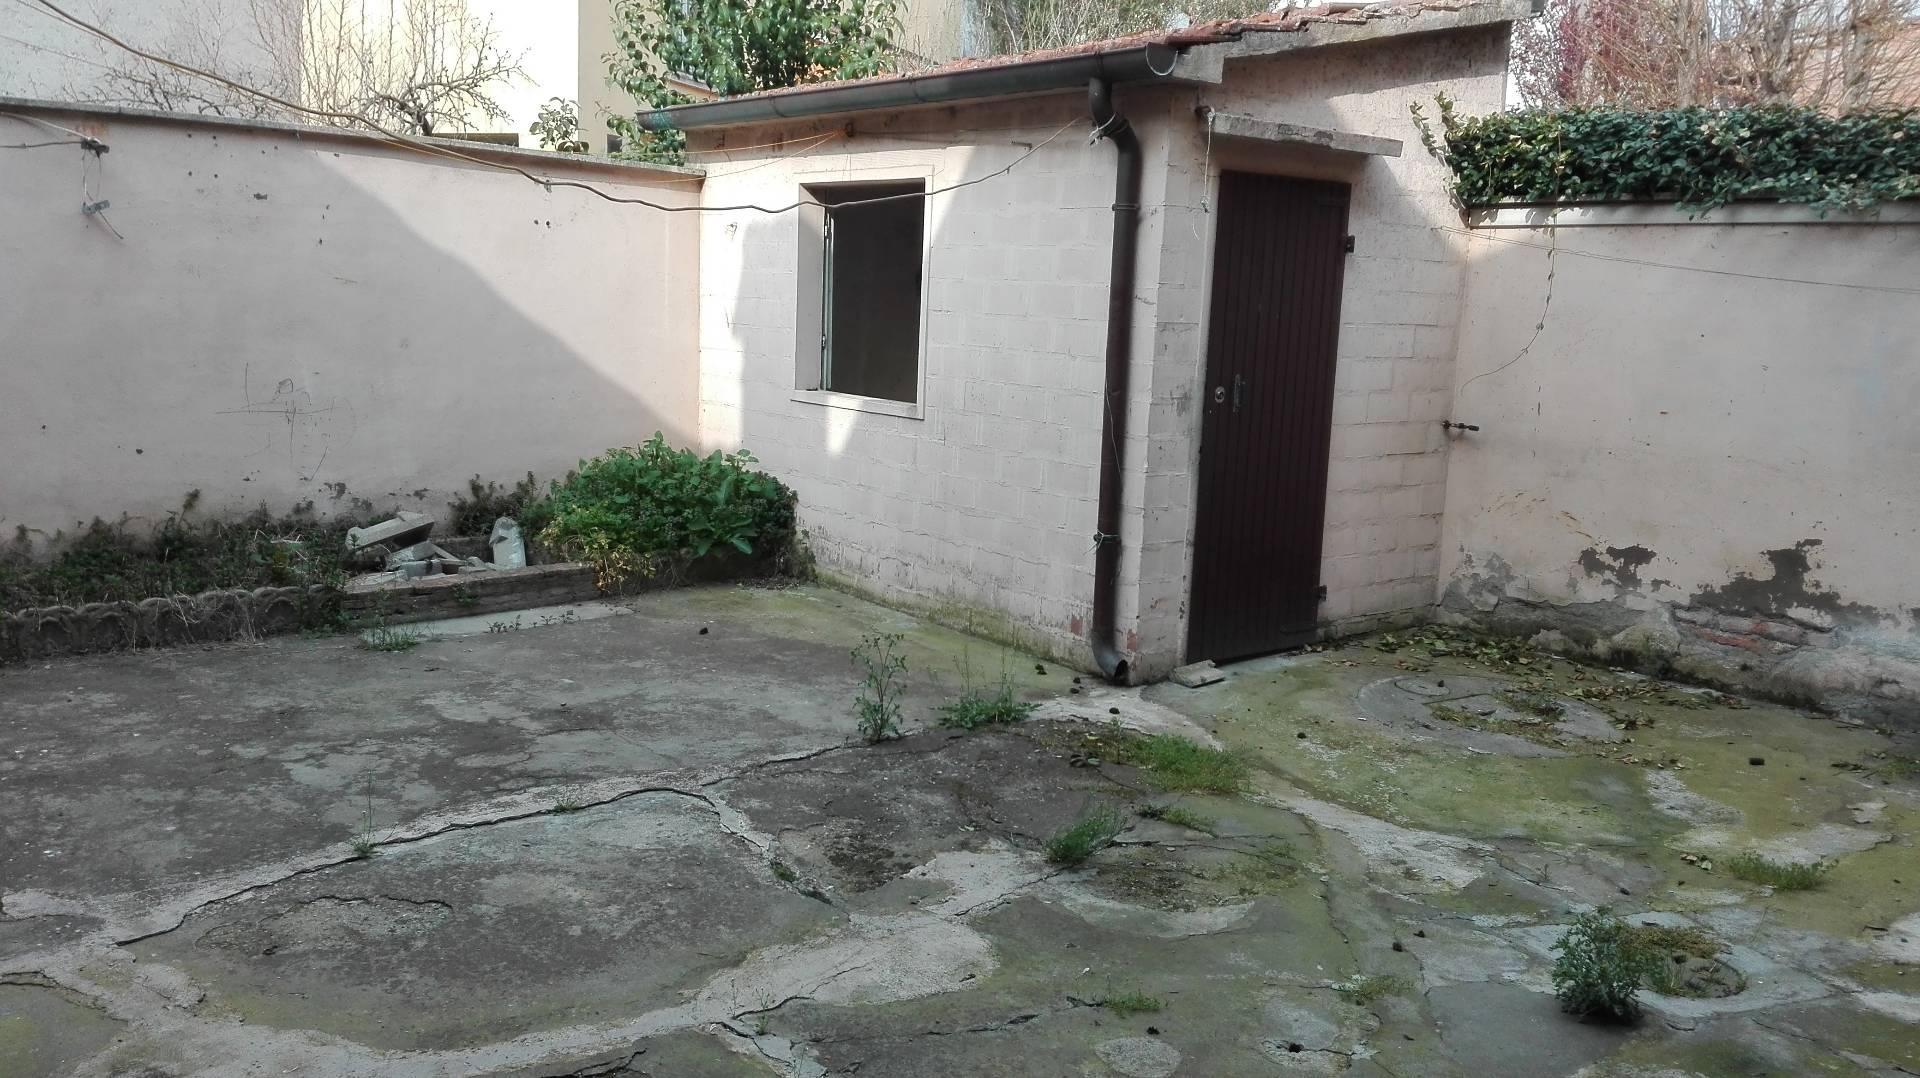 Appartamento in vendita a Bagnacavallo, 6 locali, zona Località: centro, prezzo € 115.000 | CambioCasa.it